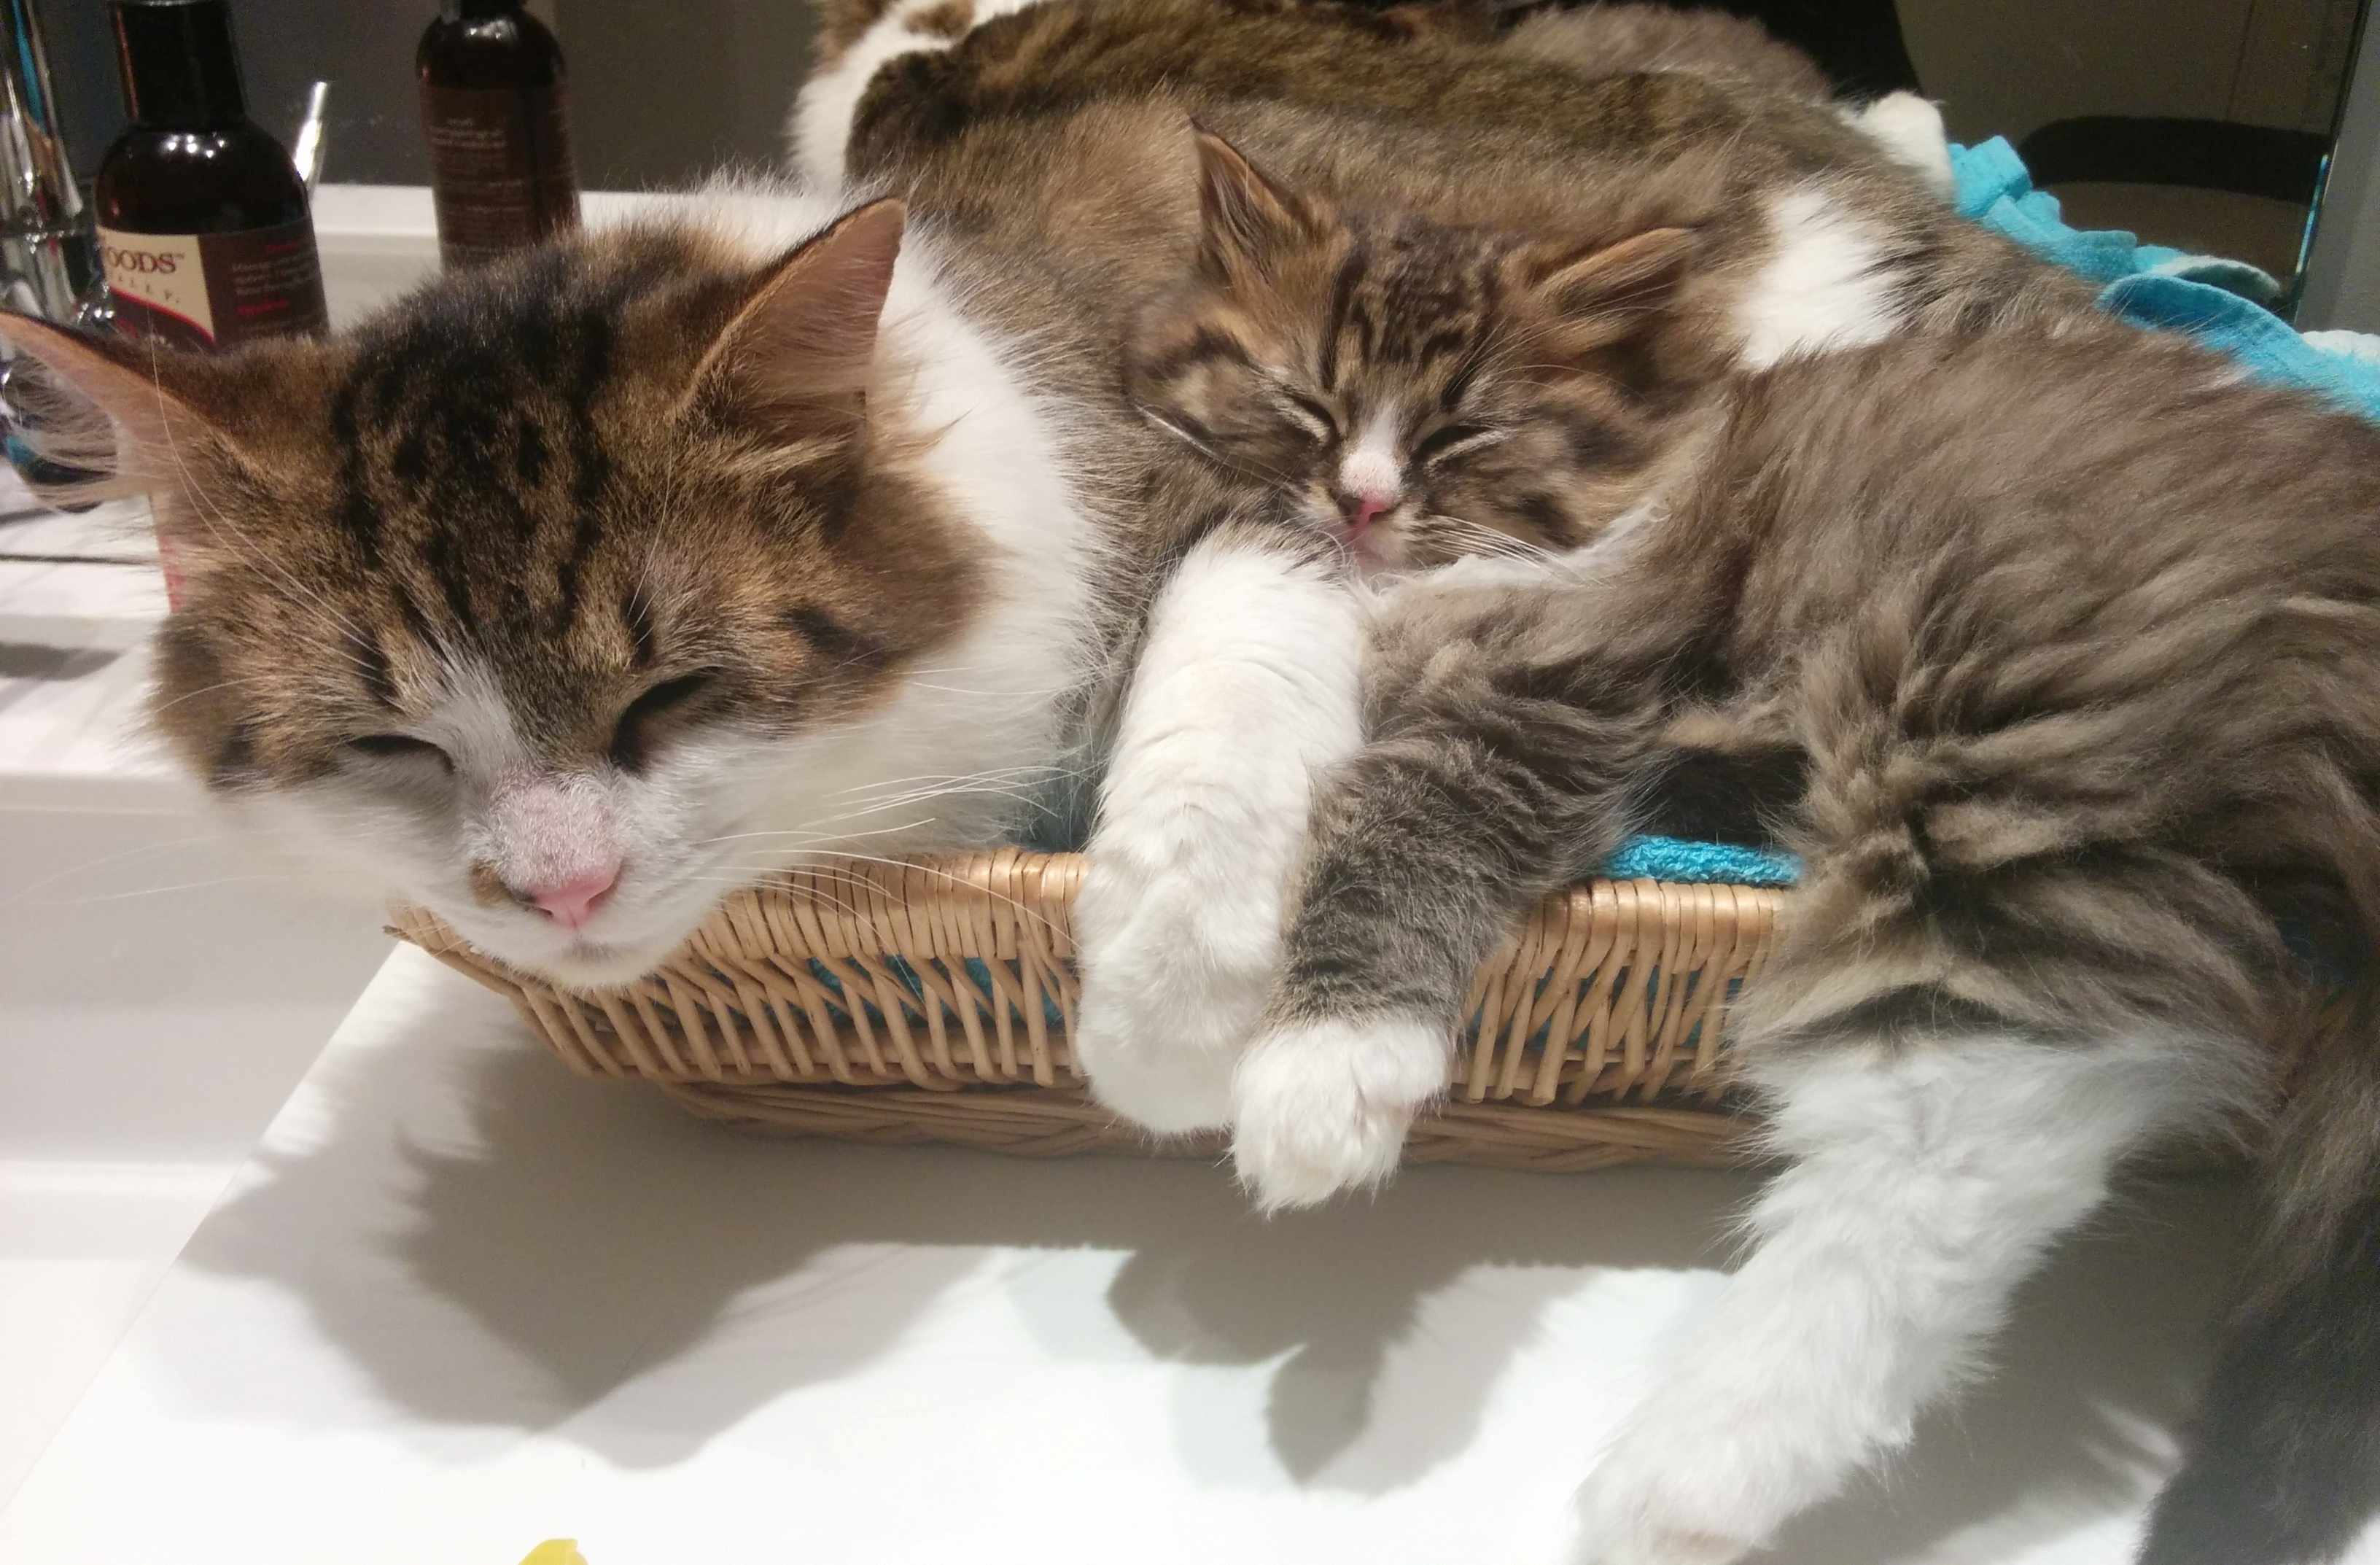 バンクーバーで大人気!猫カフェツアー❤(´ω`*)